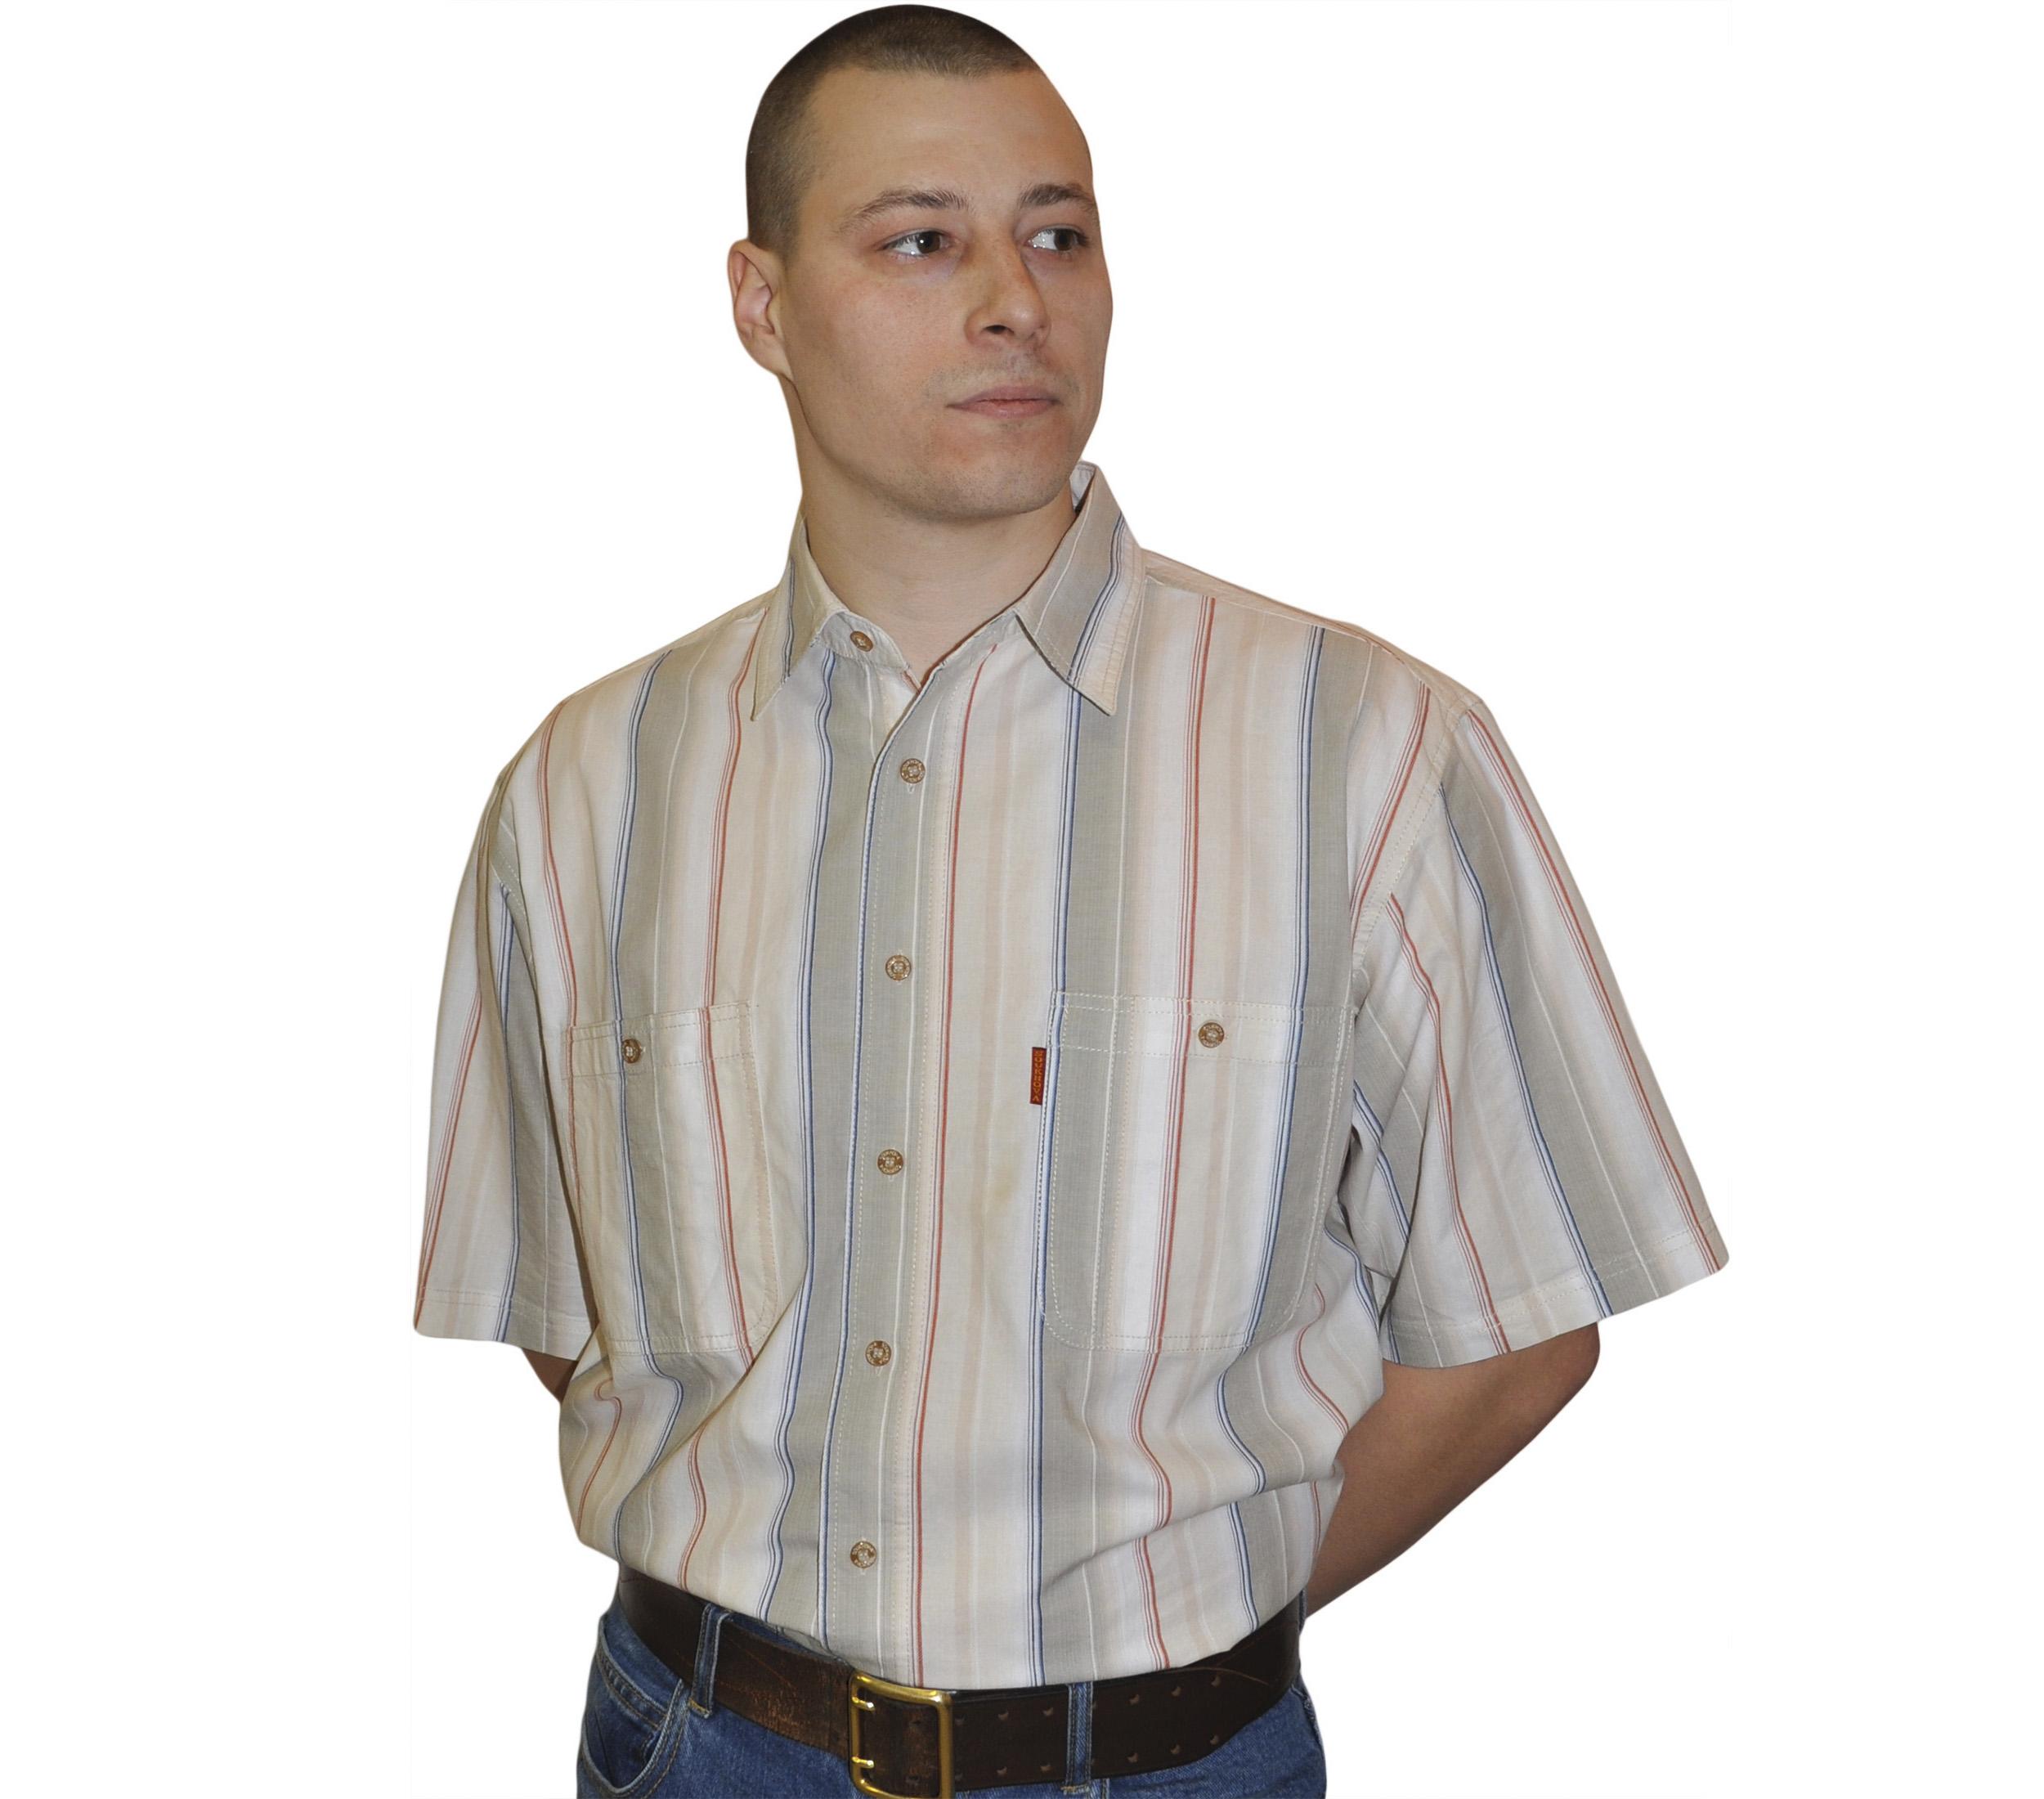 997f9525b74 Мужская рубашка в толстую бело-бежевую полоску и тонкую сине-красную